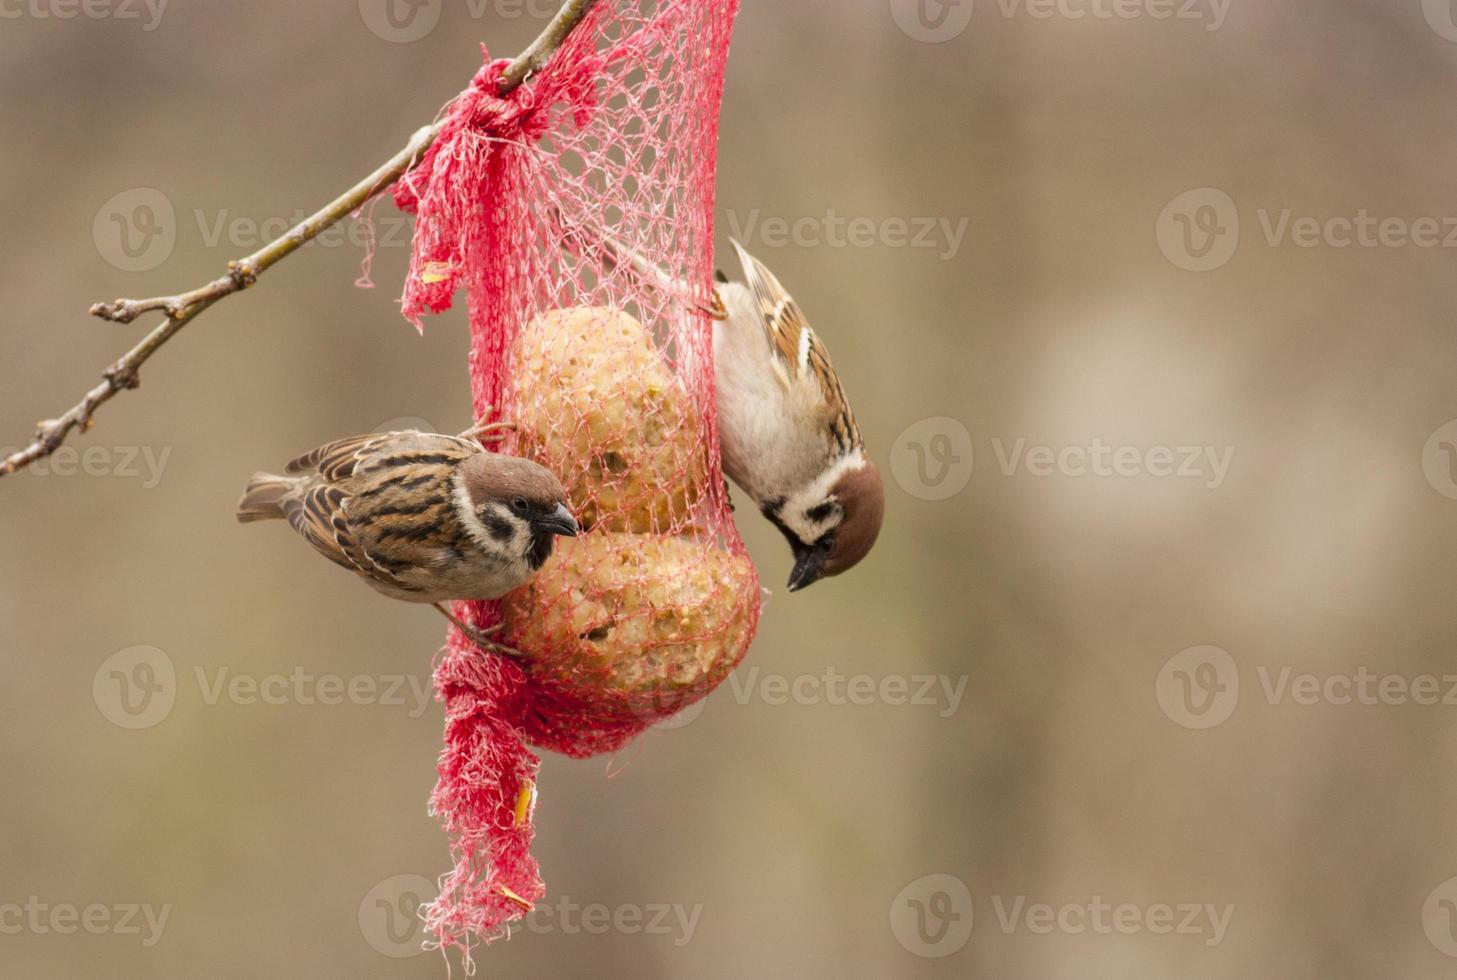 vogels op voedingszak foto